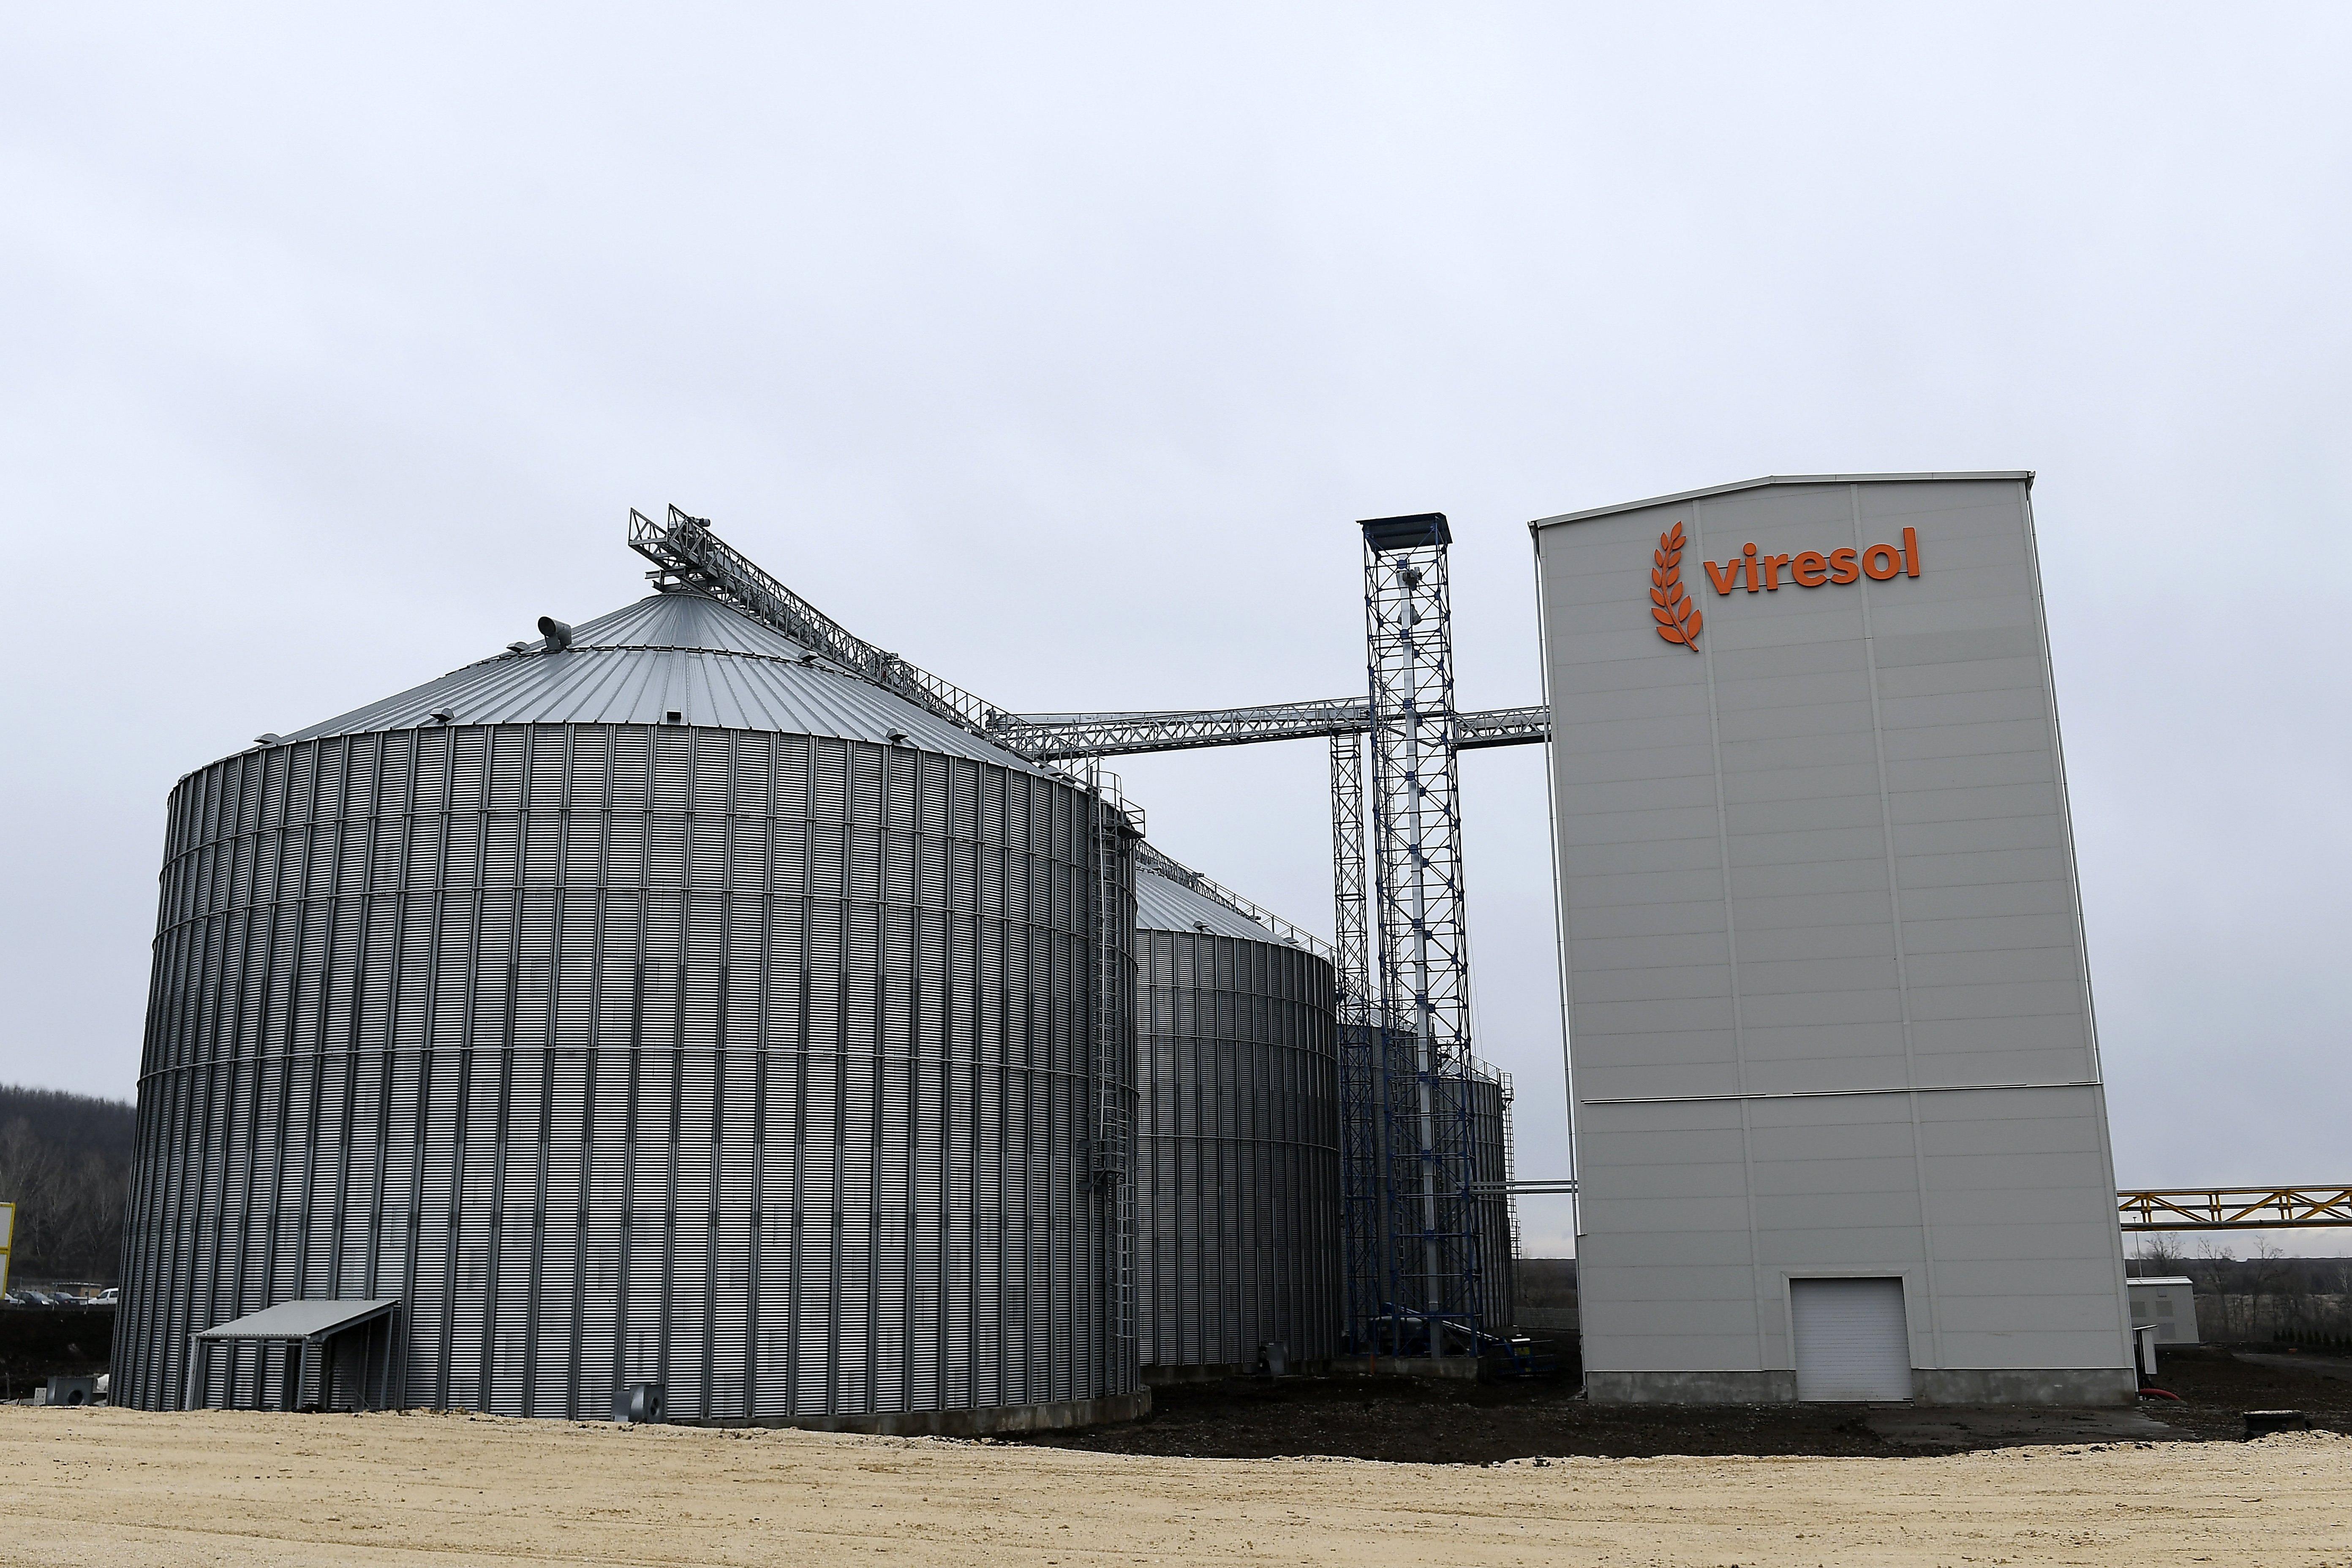 A Viresol Kft. visontai búzakeményítő üzeme az ünnepélyes átadás napján, 2019. február 11-én. Az üzem évi 250 ezer tonna magyarországi GMO-mentes búzát fog feldolgozni világszínvonalú, környezetbarát technológiával, hulladékmentesen.